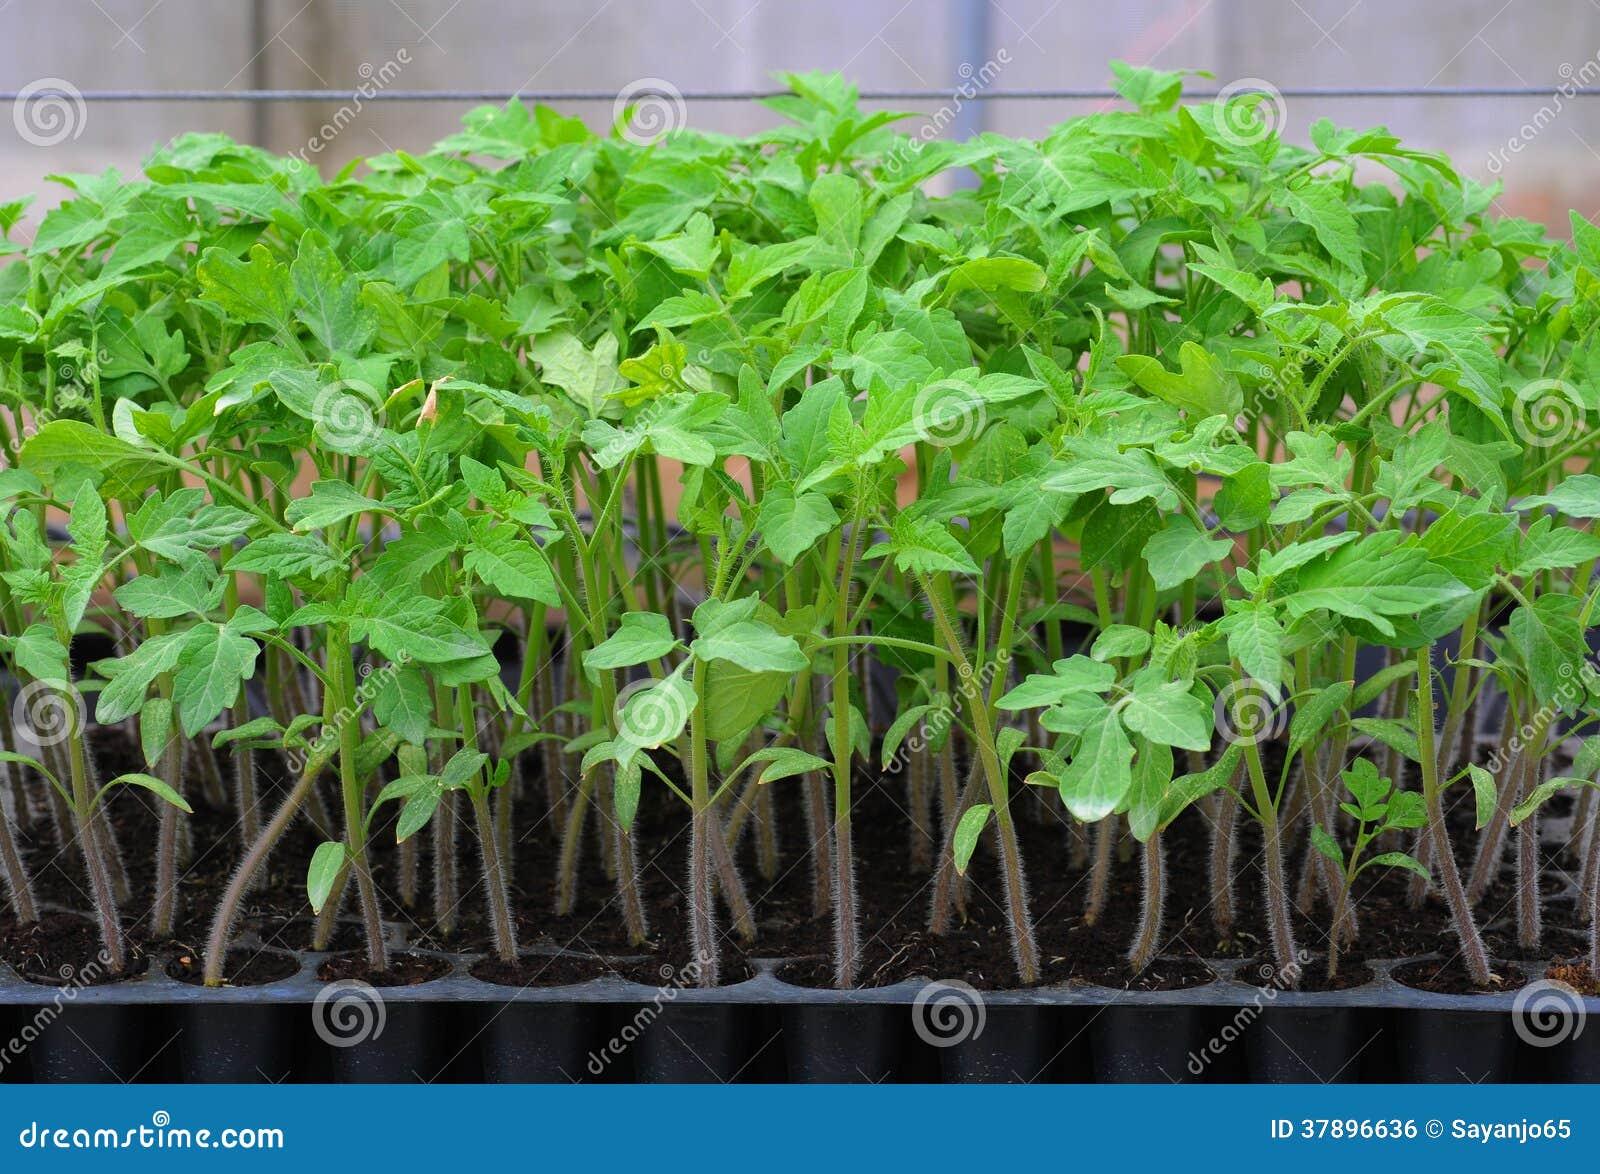 Jeune plante de tomate dans le plateau en plastique.